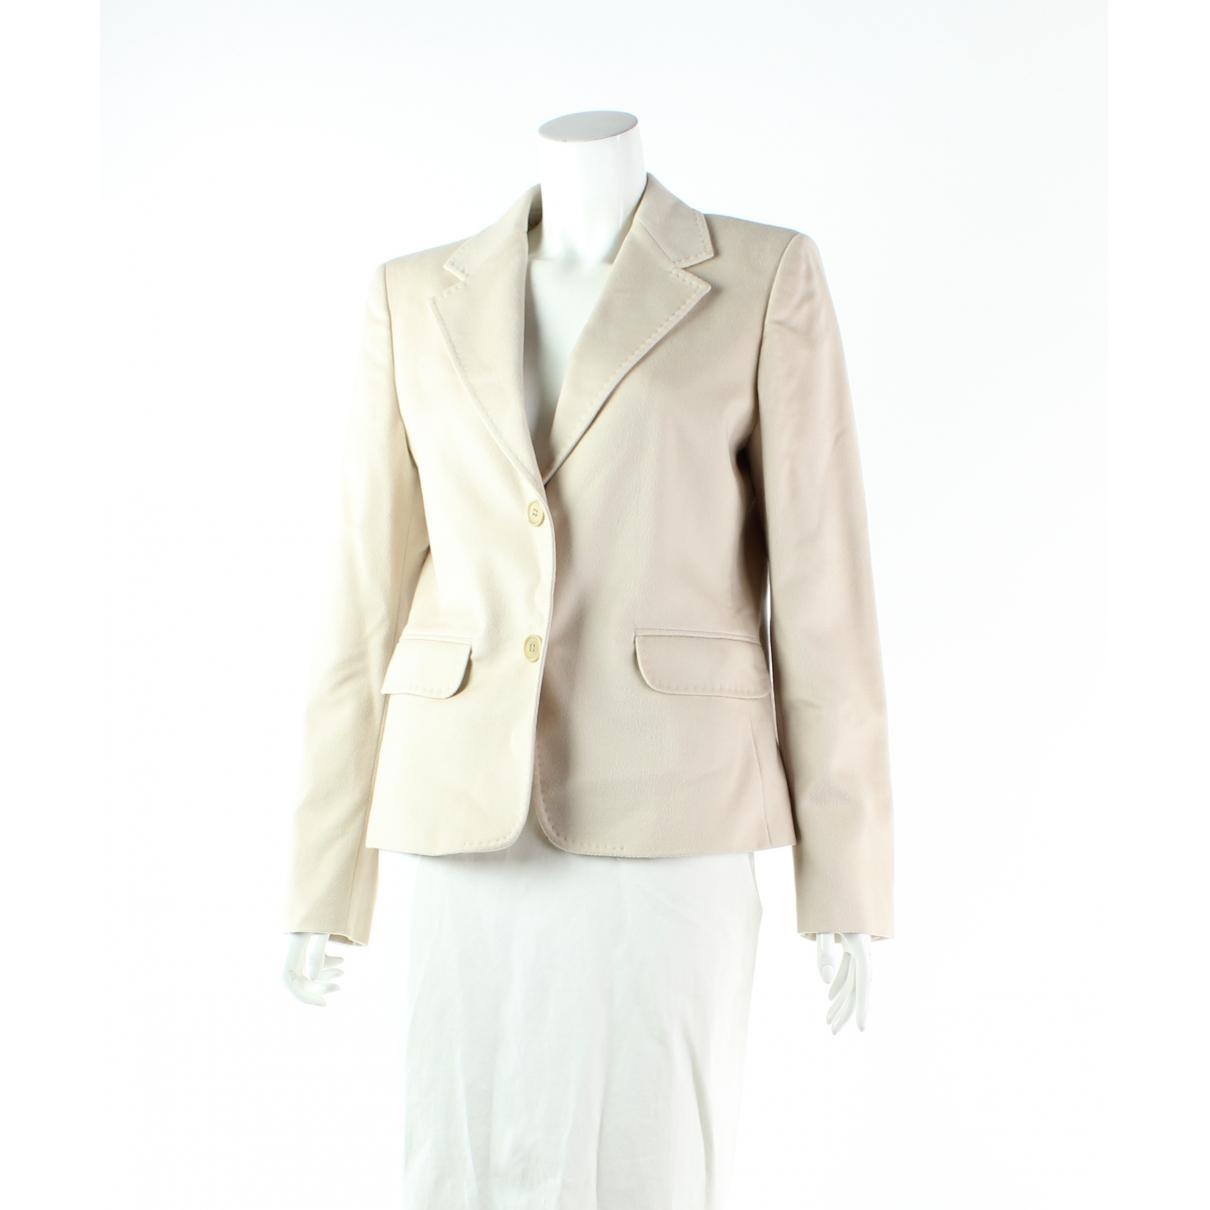 Max Mara N Beige Wool jacket for Women 12 US